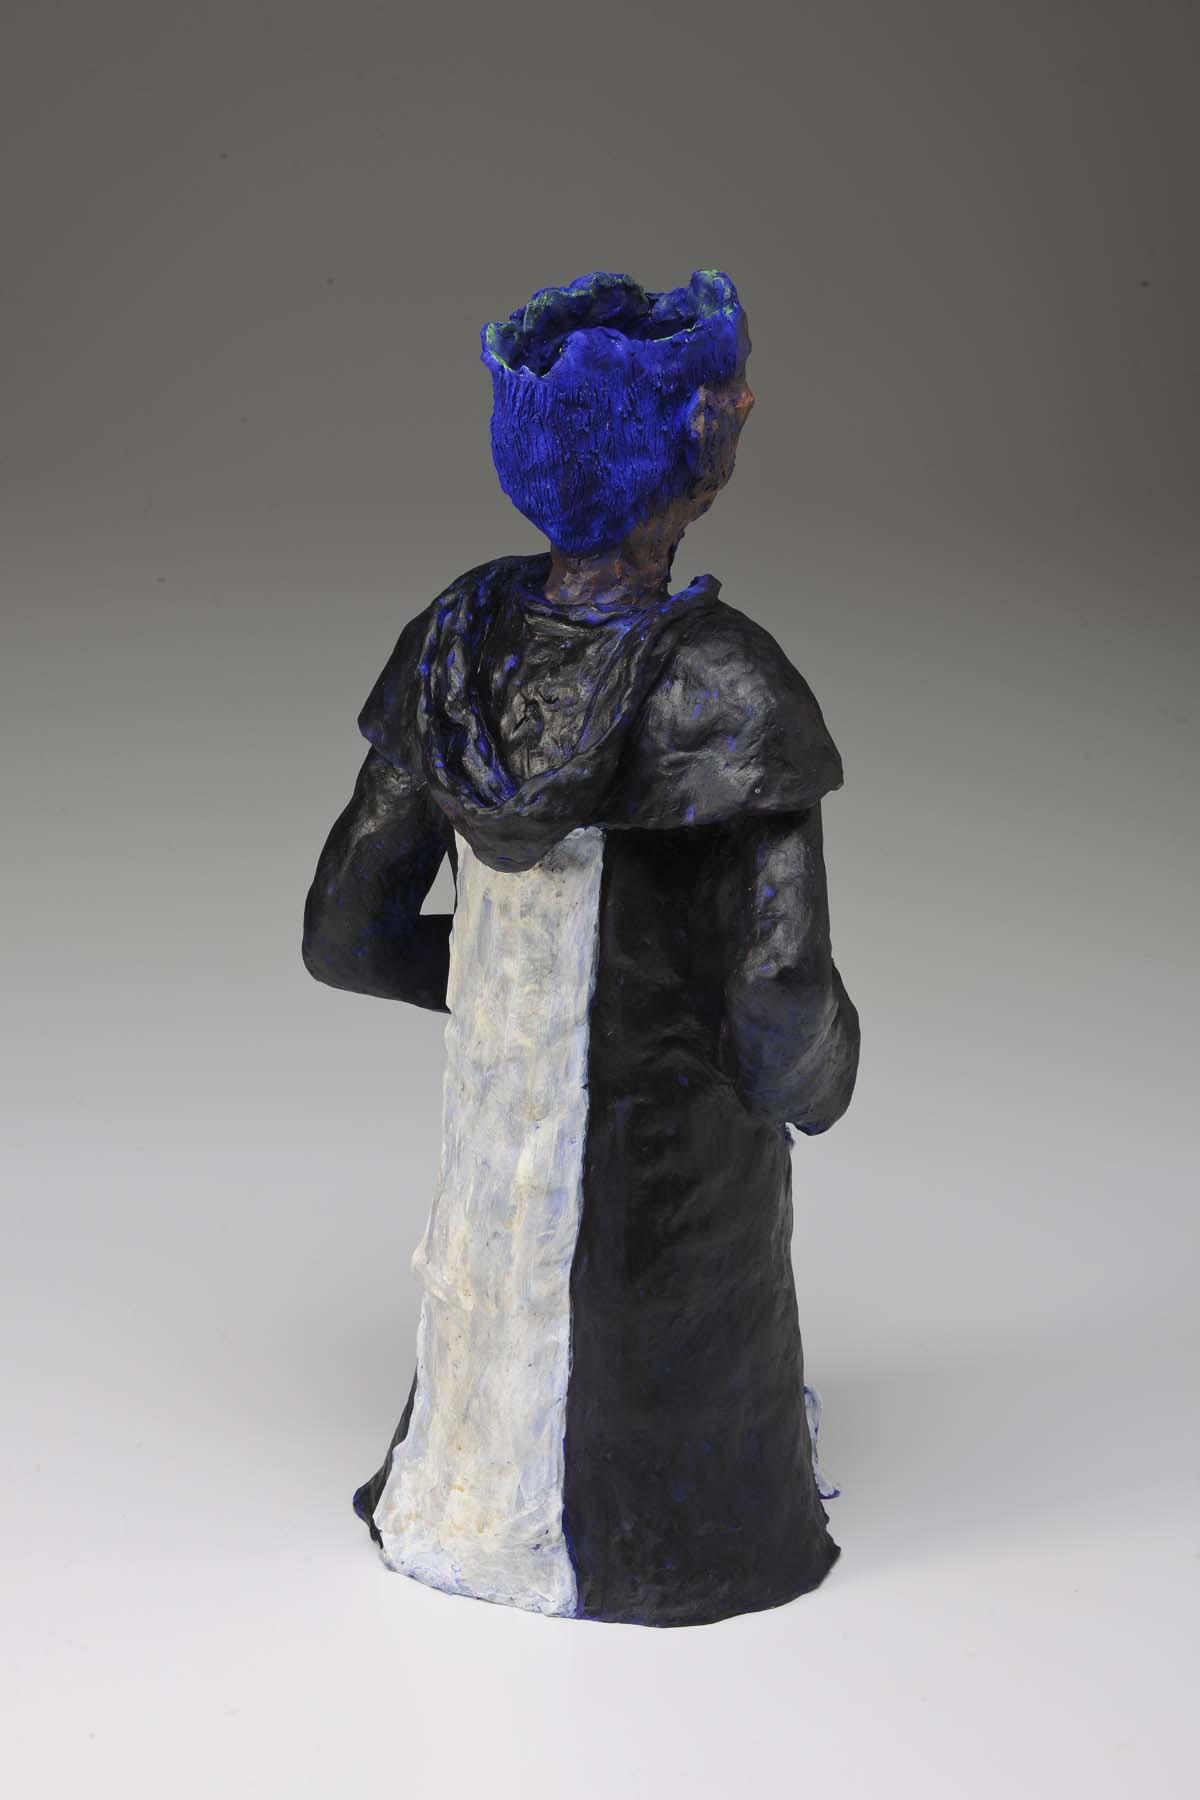 Meister_Eckhart_by_Sybil_Archibald_B_1200-sculpture.jpg